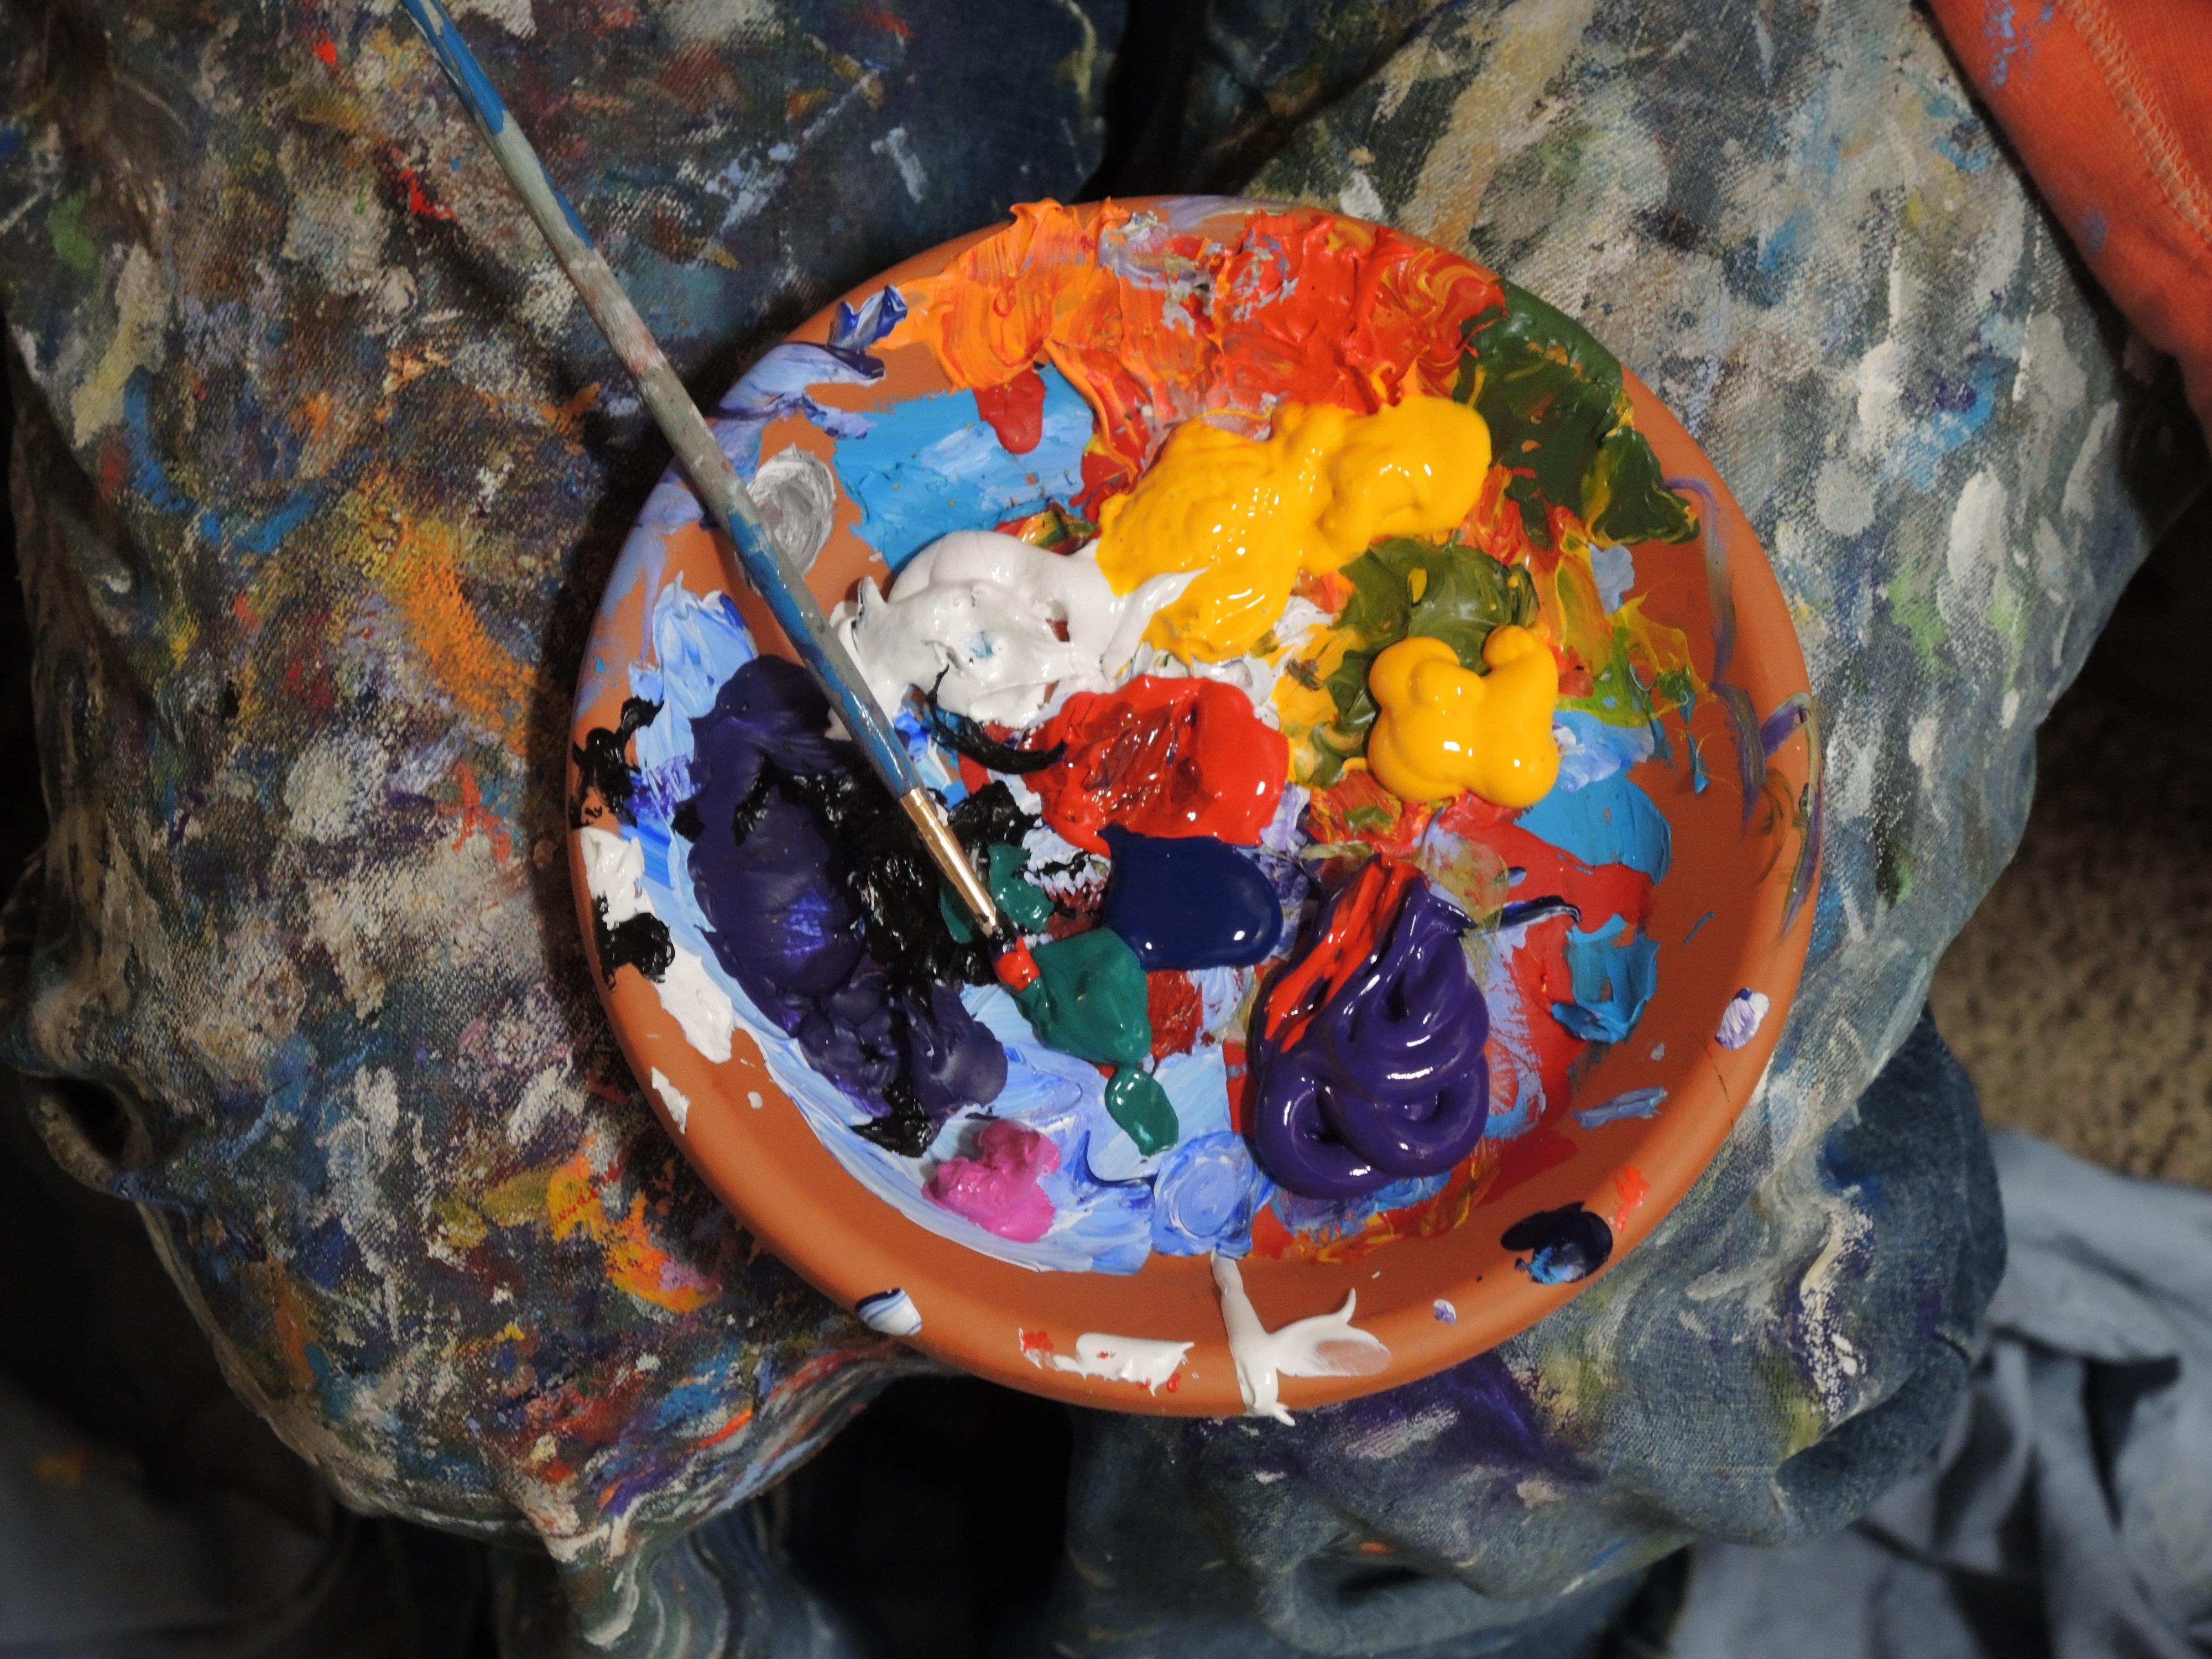 Fotograf Cicek Bardak Firca Renkli Renk Boya Boyama Sanat